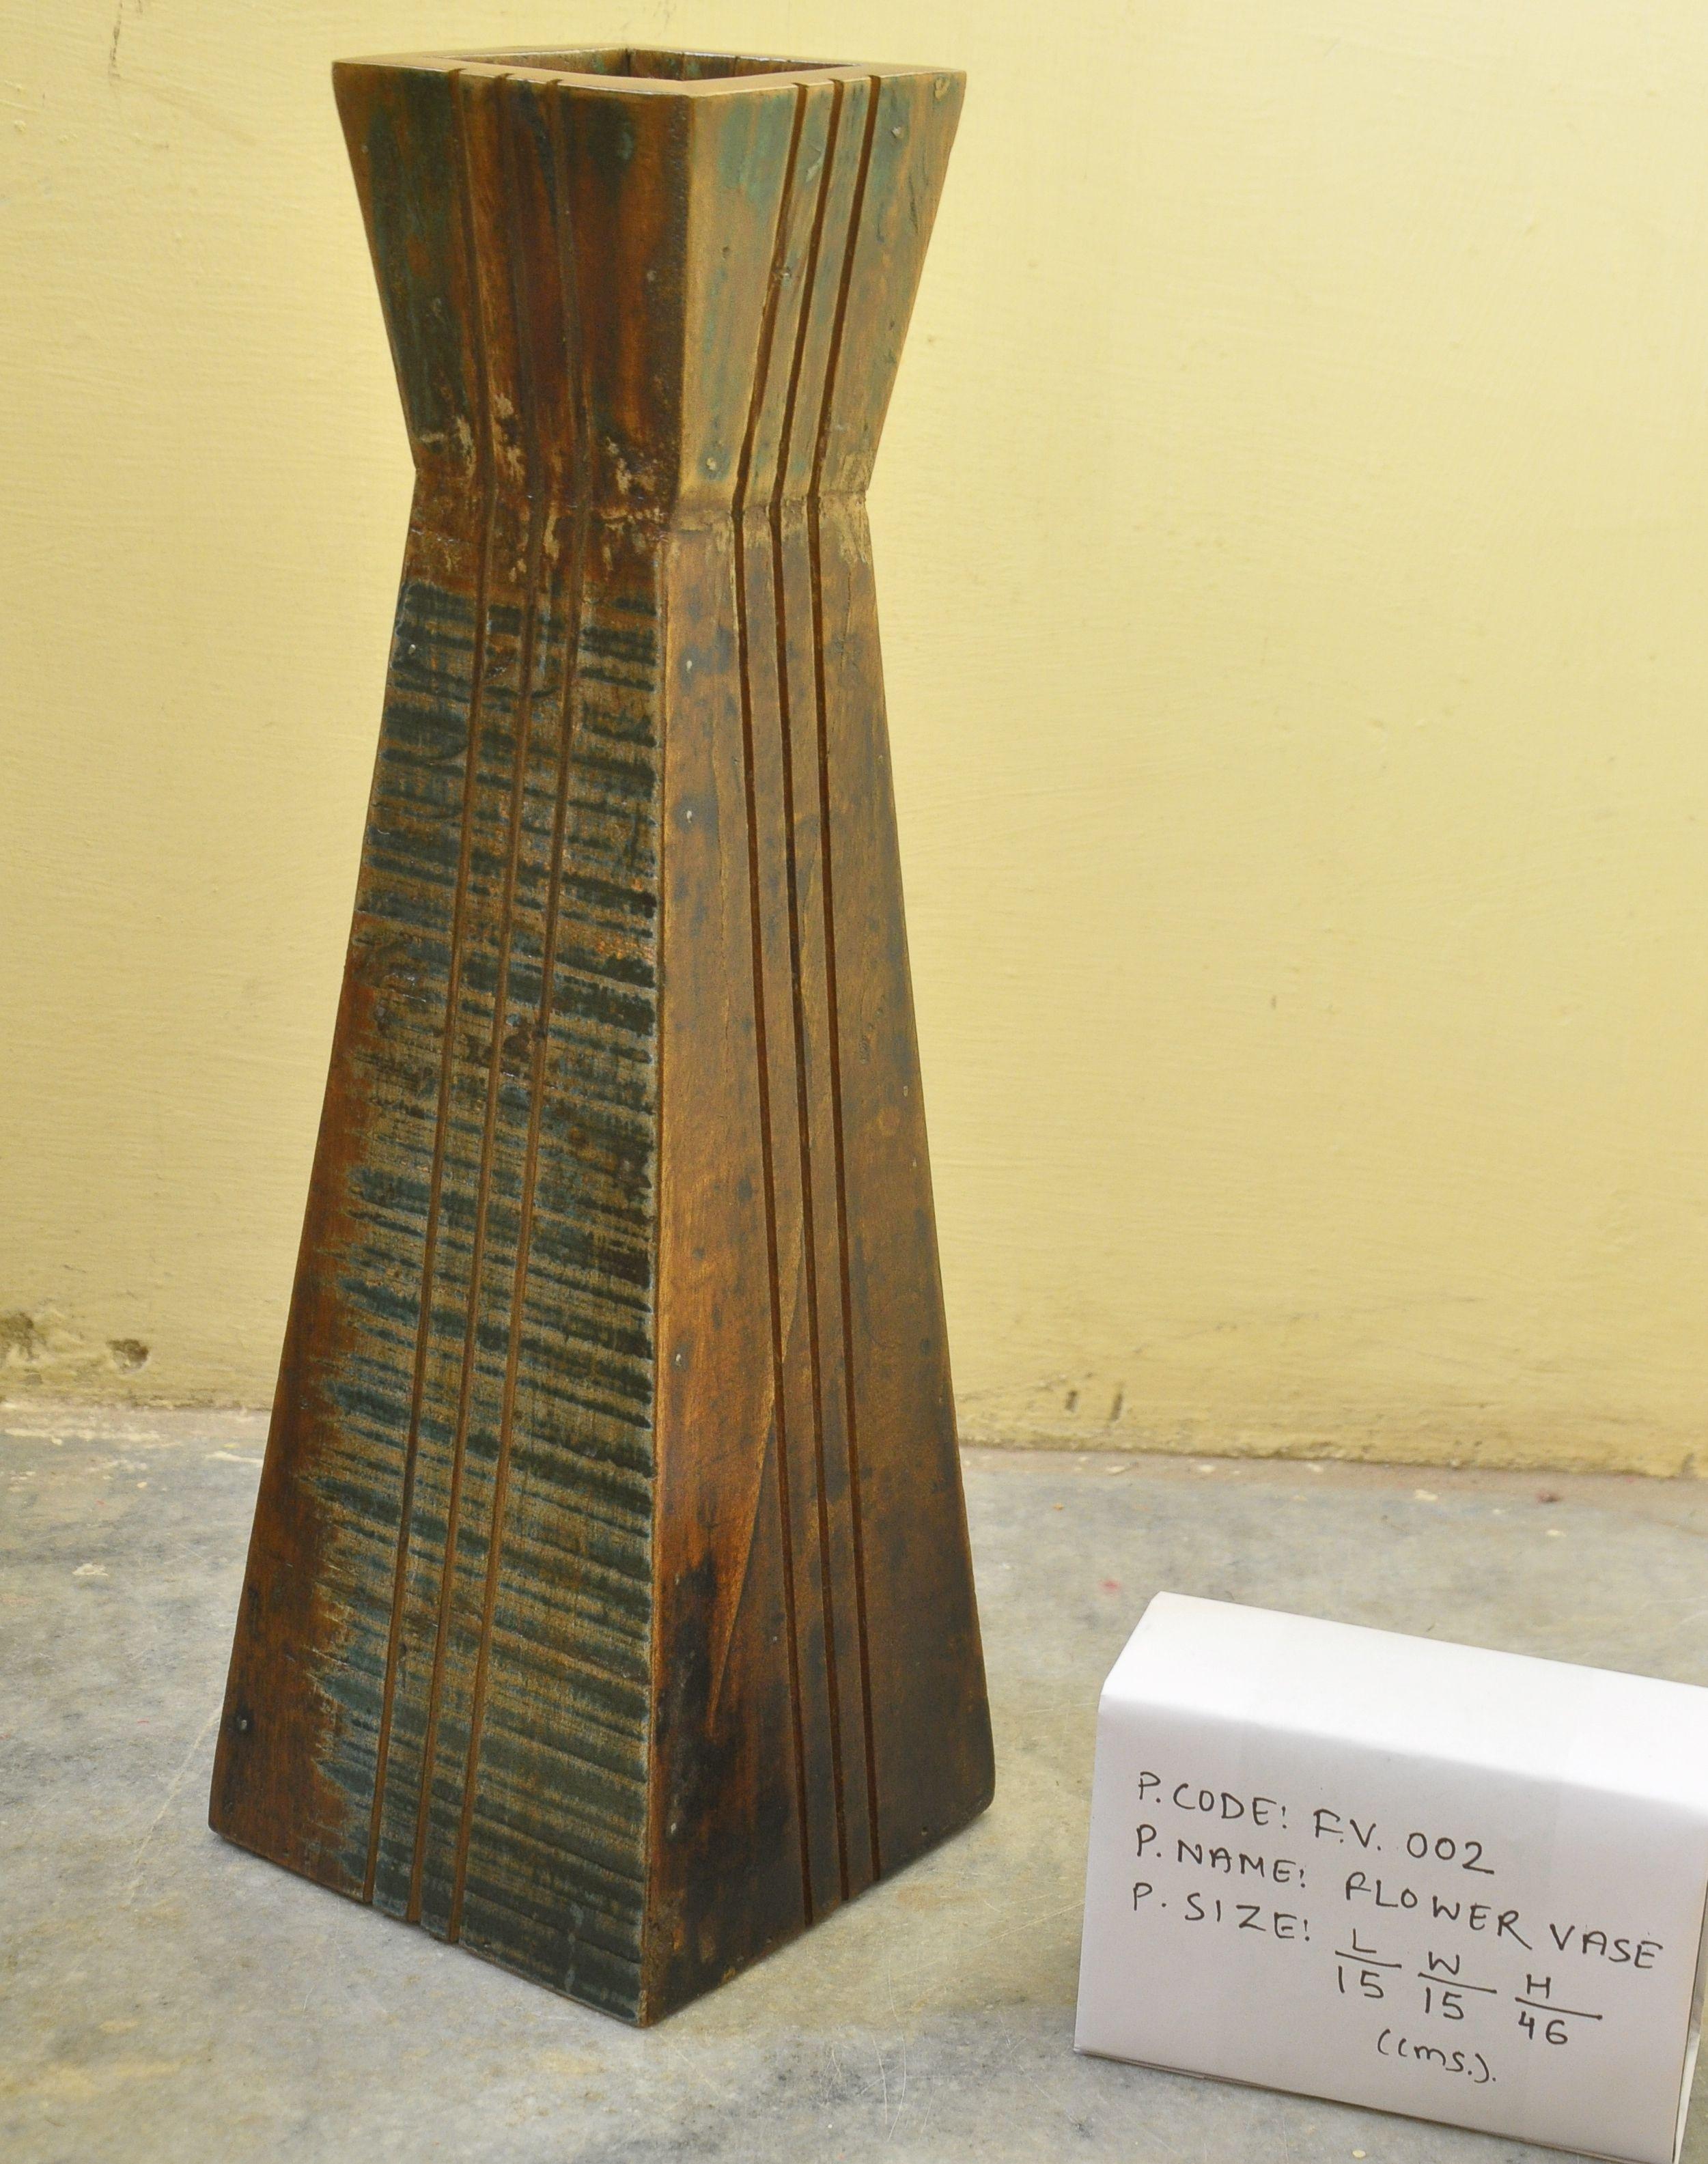 Flower vase designer wooden flower vase manufacturer from jodhpur designer wooden flower vase floridaeventfo Images